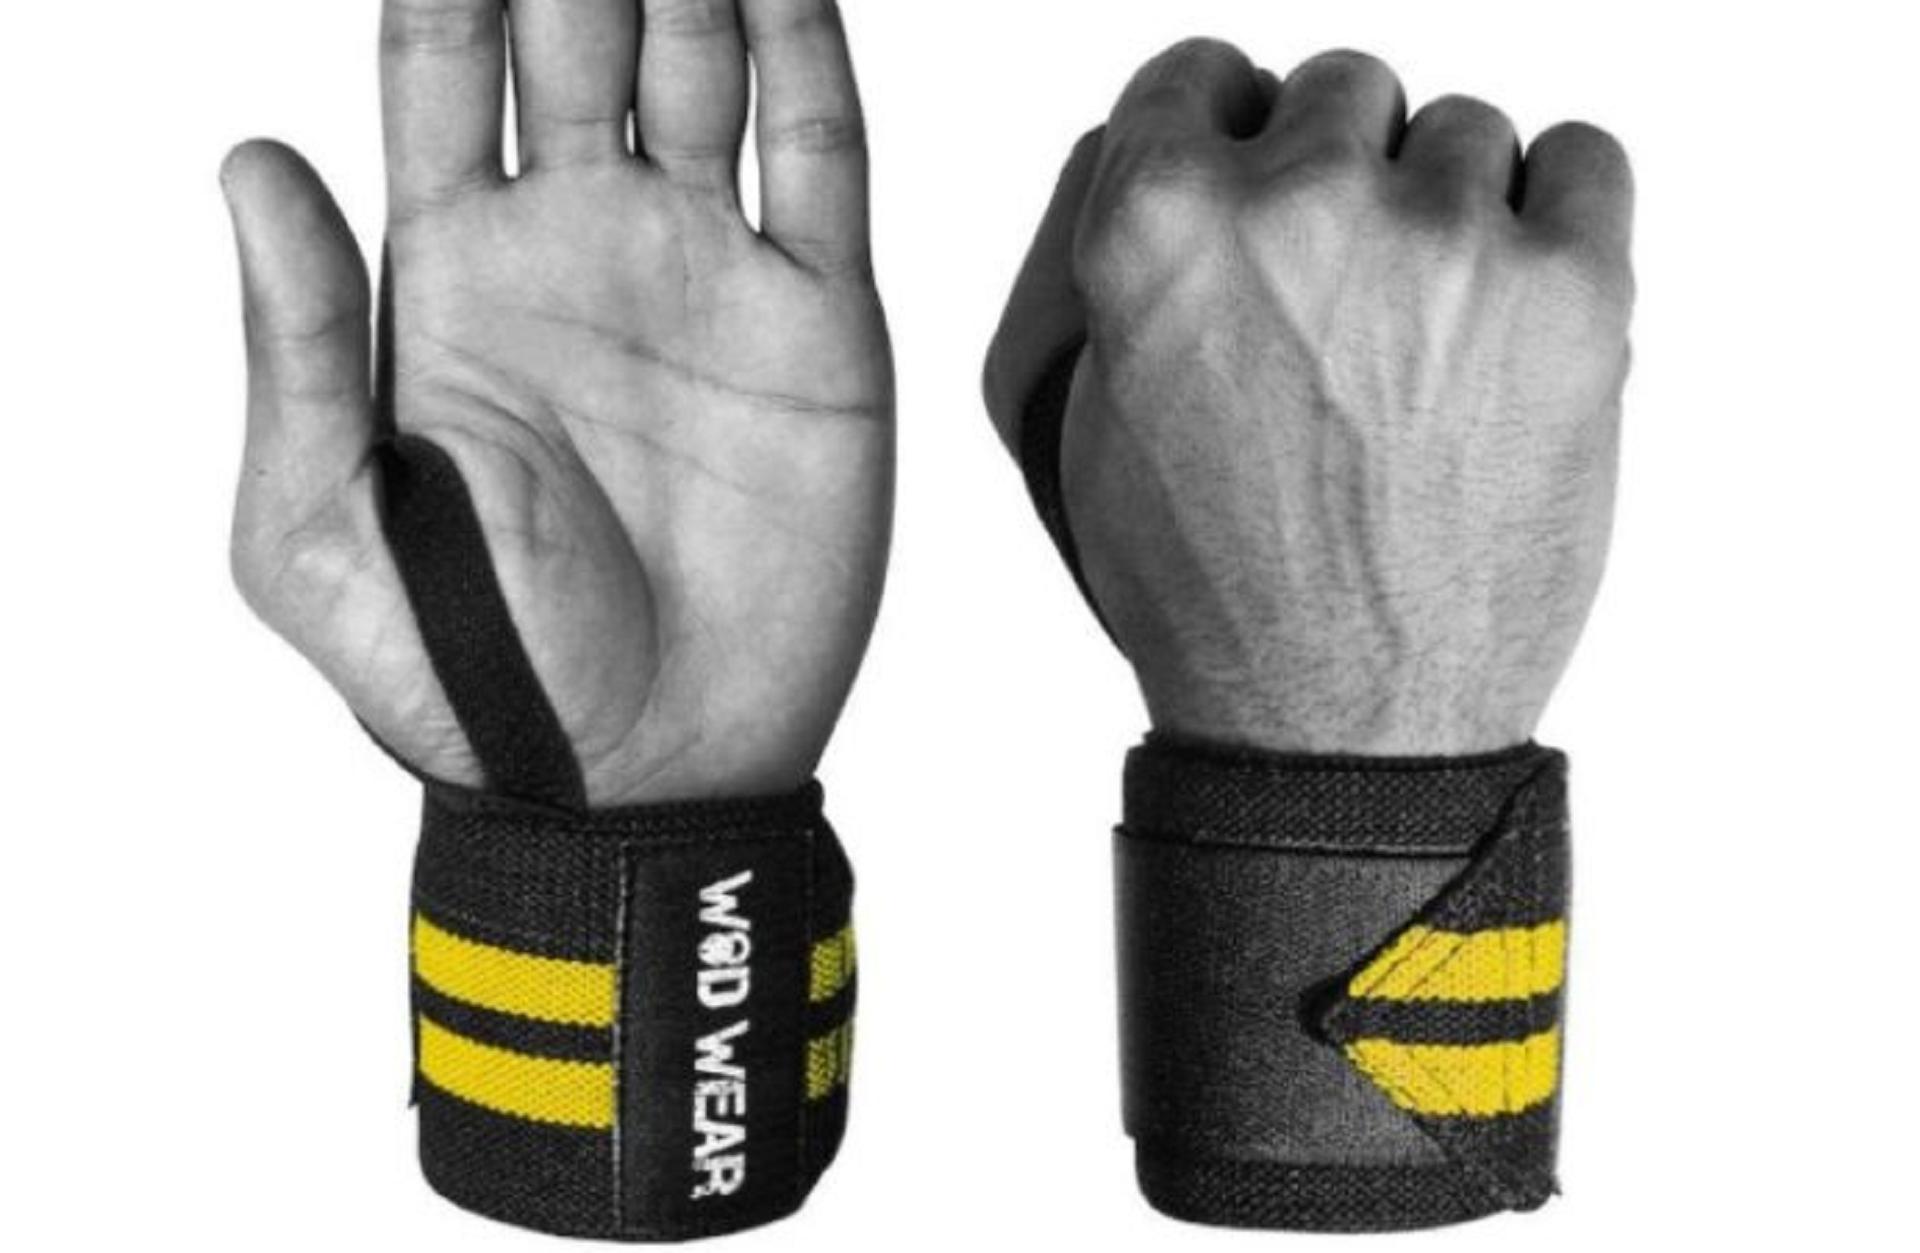 wod wear wrist wraps